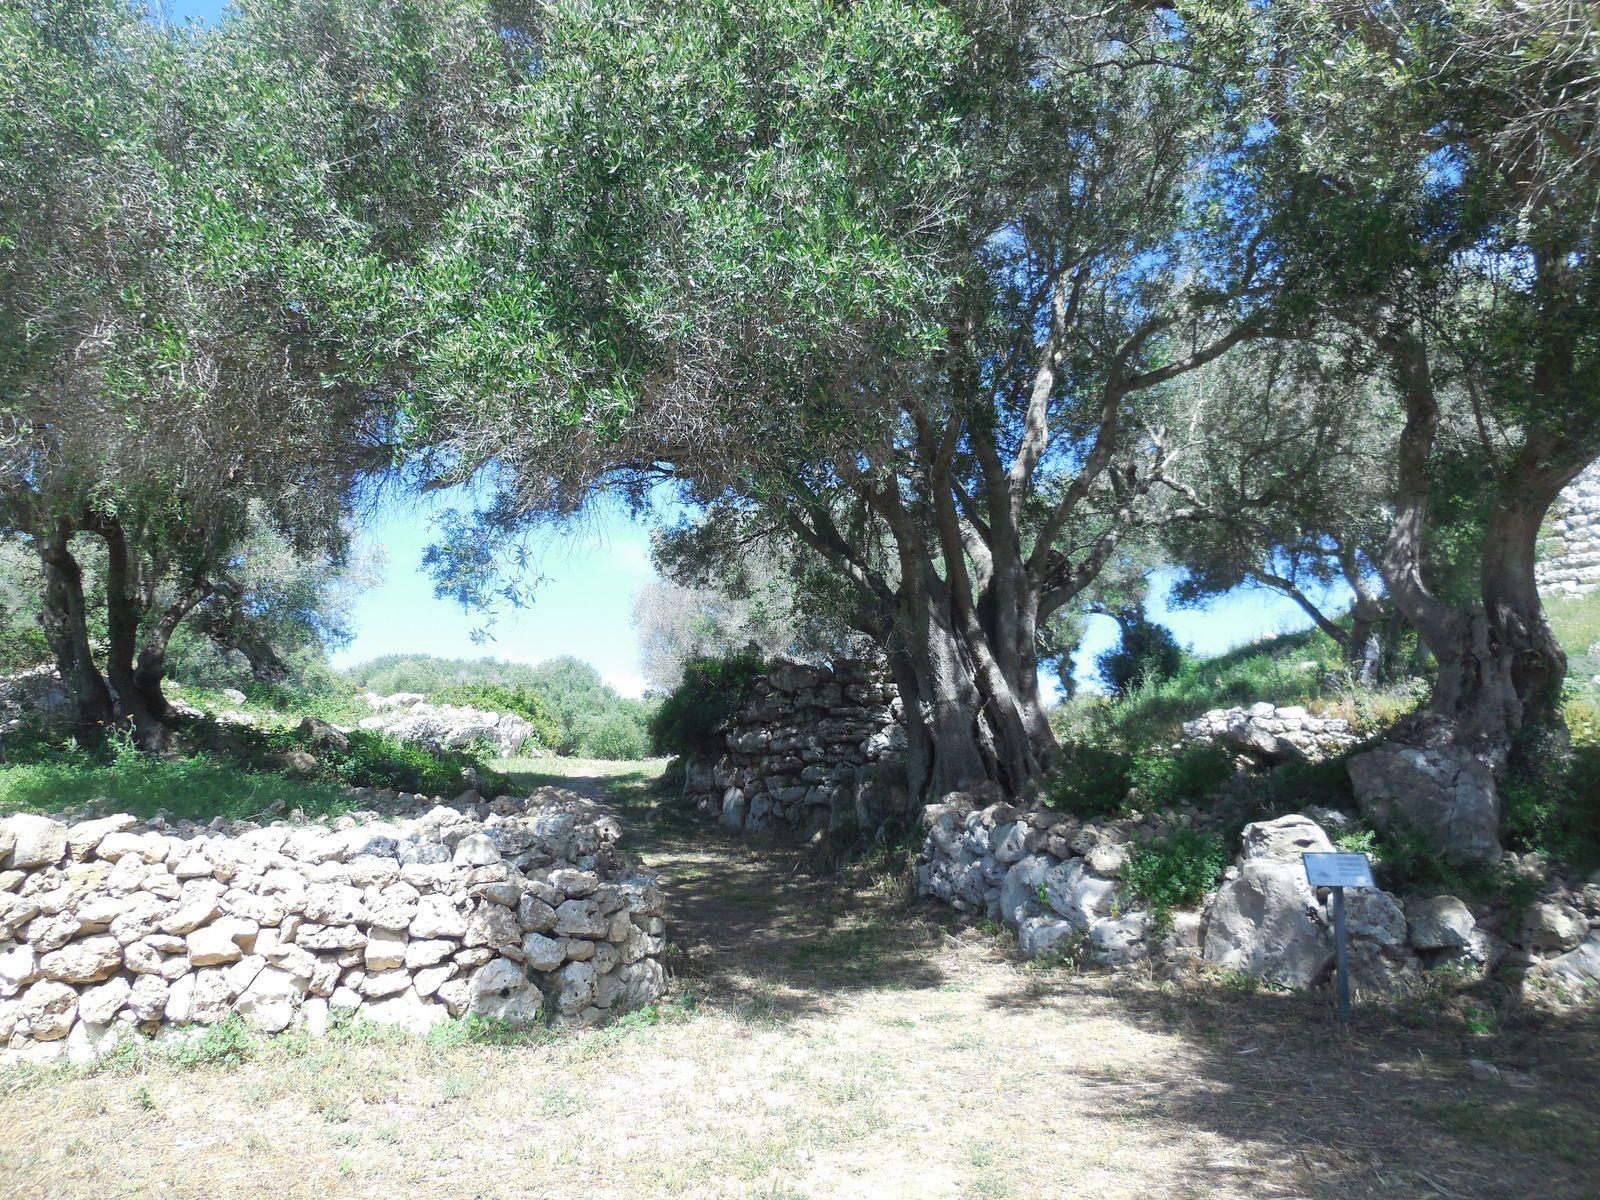 Minorque: Monte Toro,Talati de dalt et Naveta des Tudon